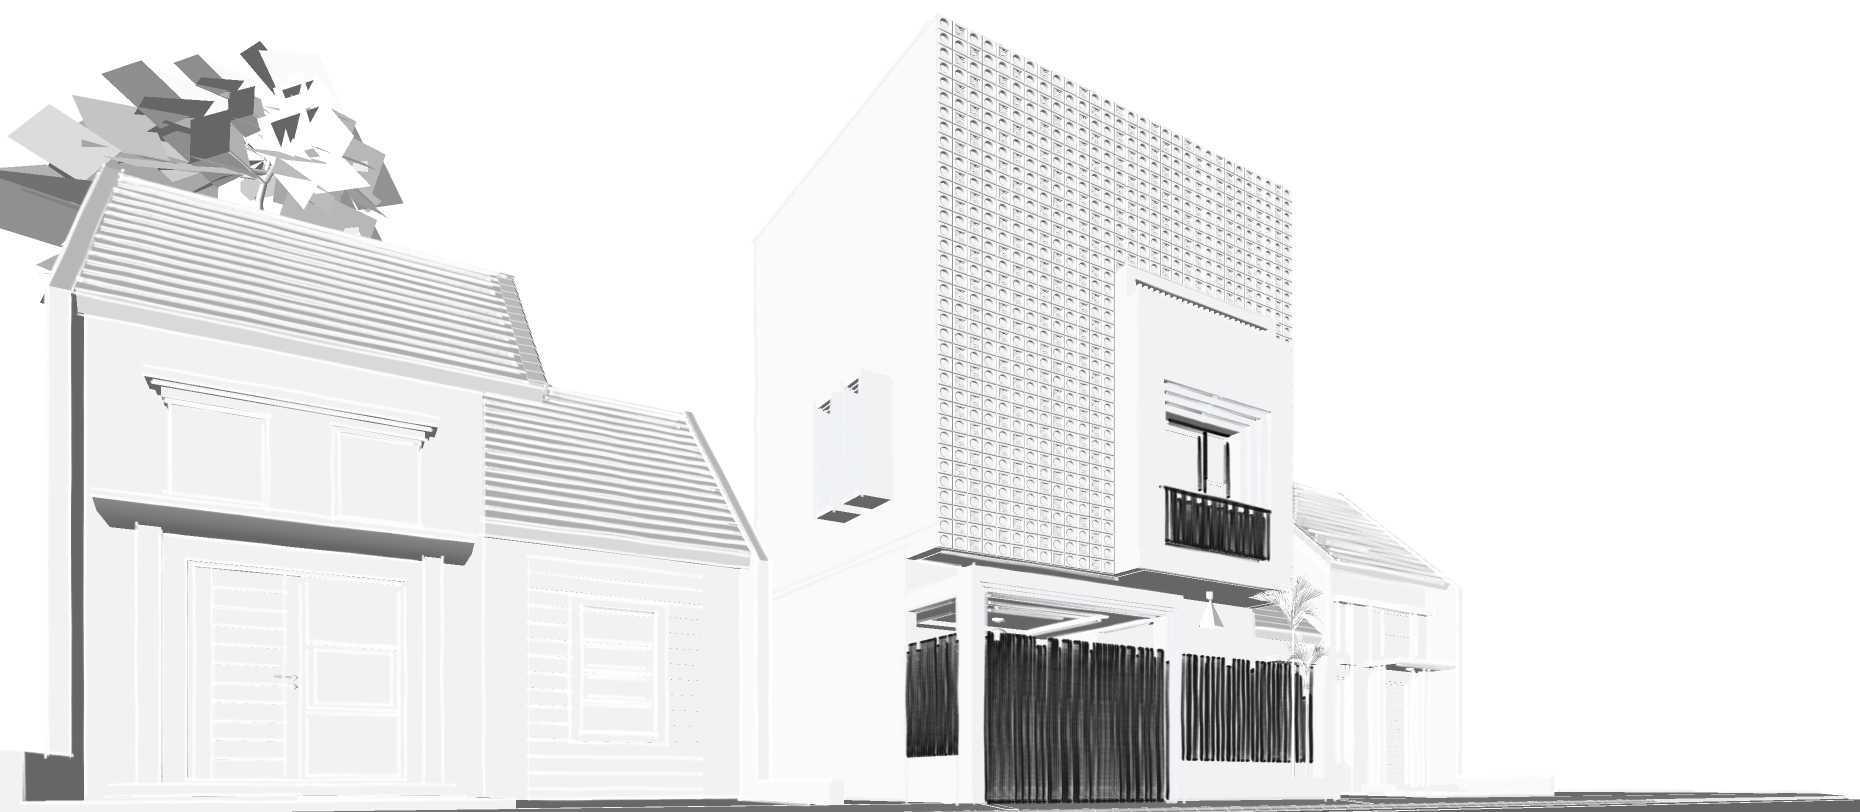 Jasa Kontraktor Muda Arsitek di Depok